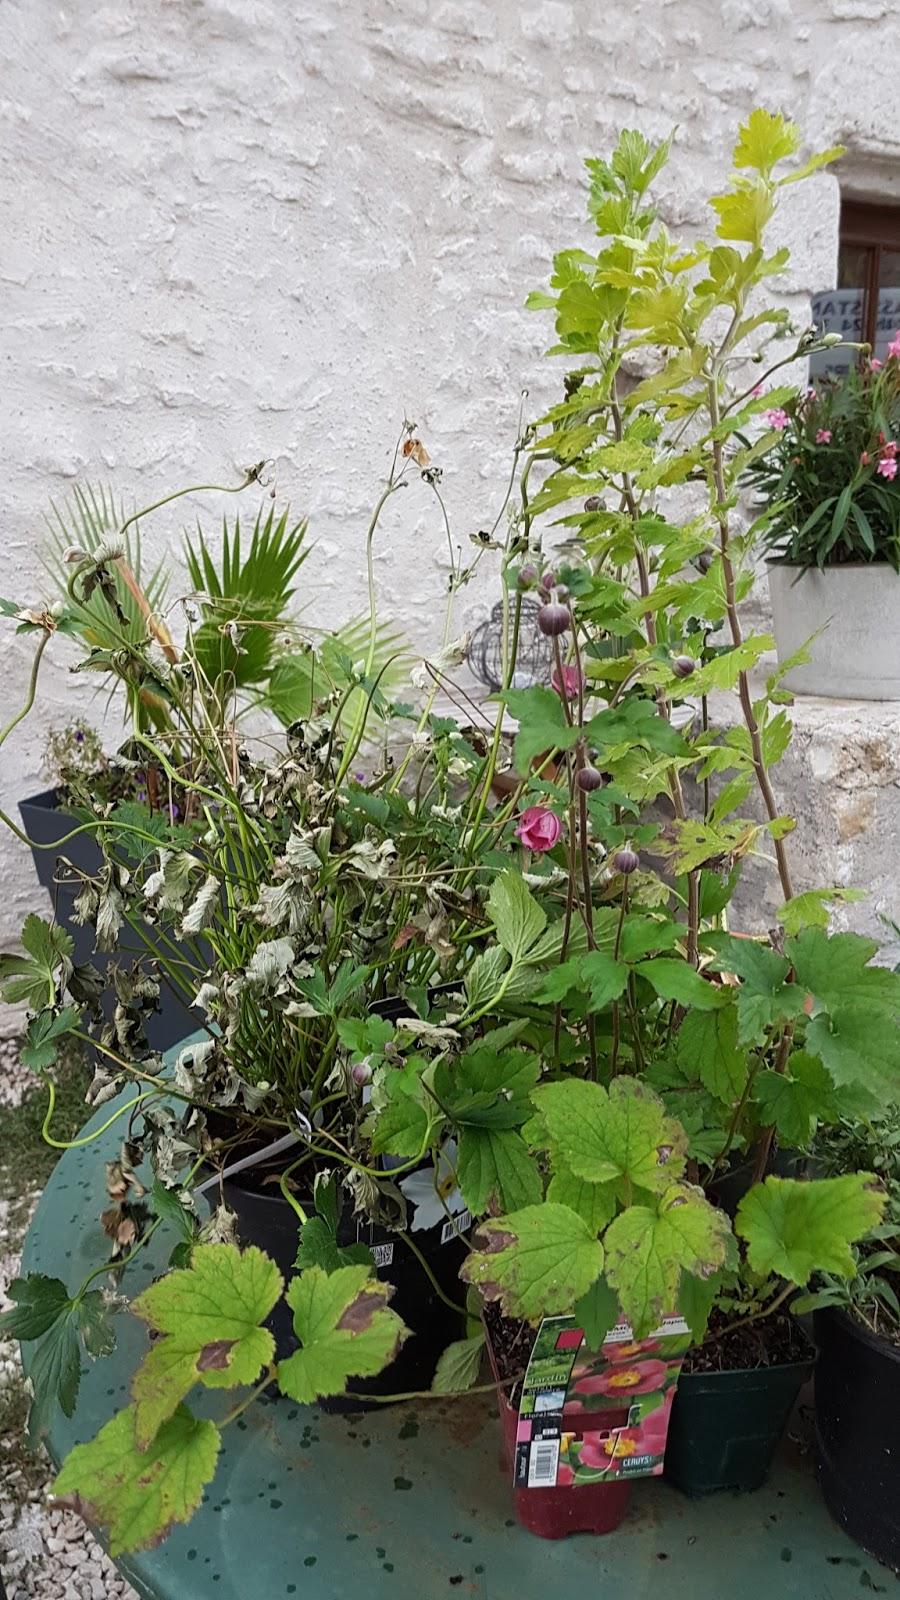 le jardin de v rone new envie d 39 anemones au jardin. Black Bedroom Furniture Sets. Home Design Ideas